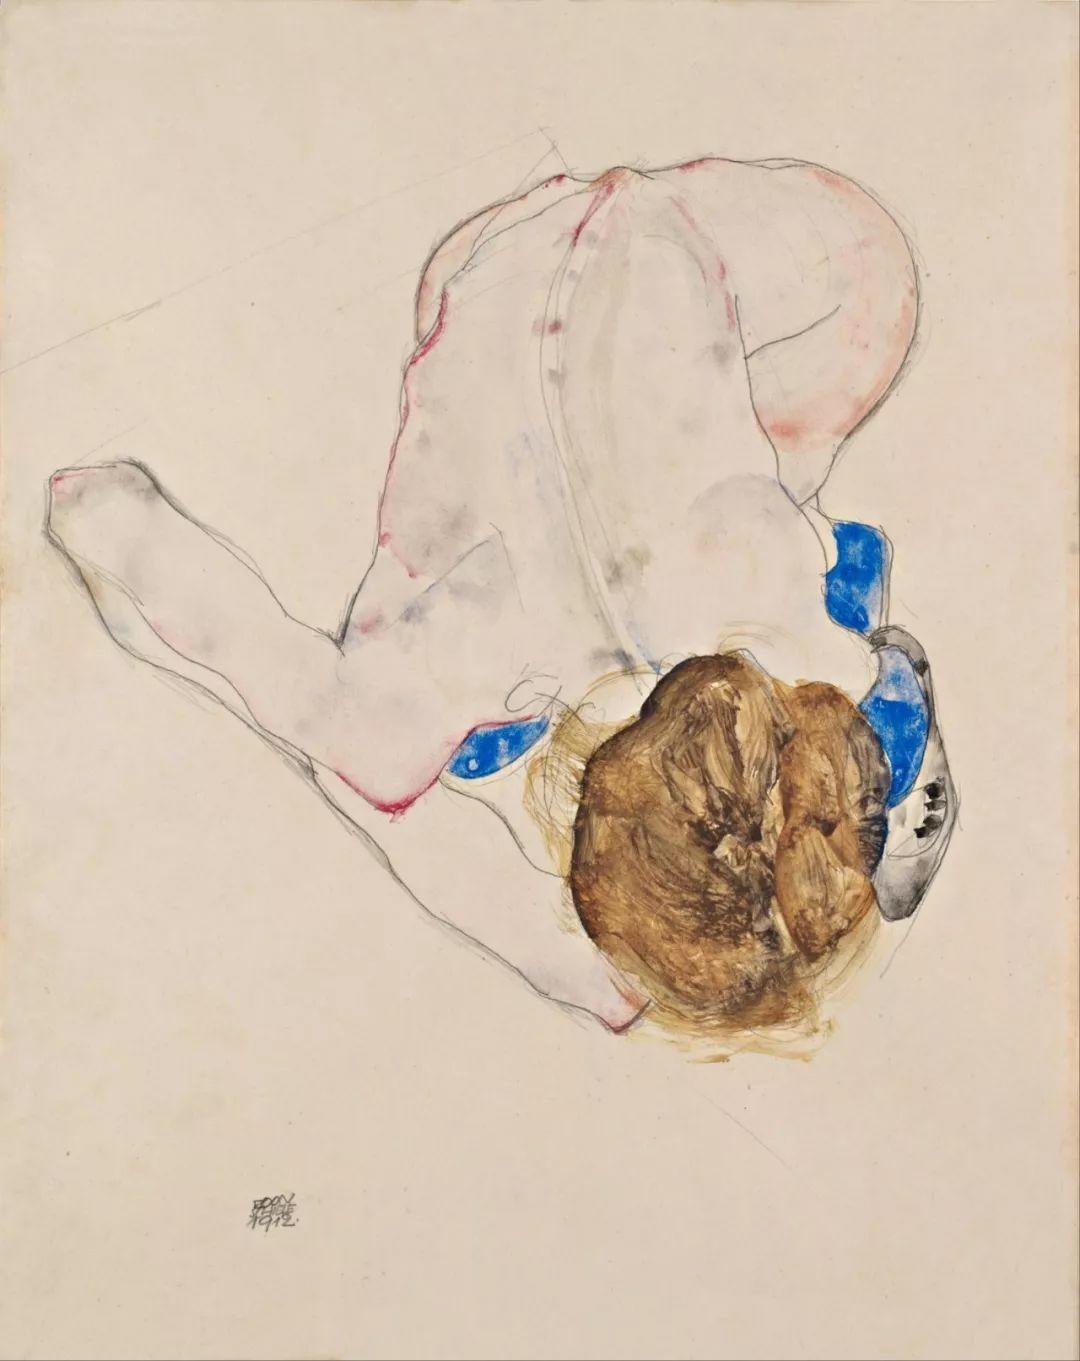 年仅28岁,生前遭受非议,死后却被捧为直逼心灵的艺术家插图97